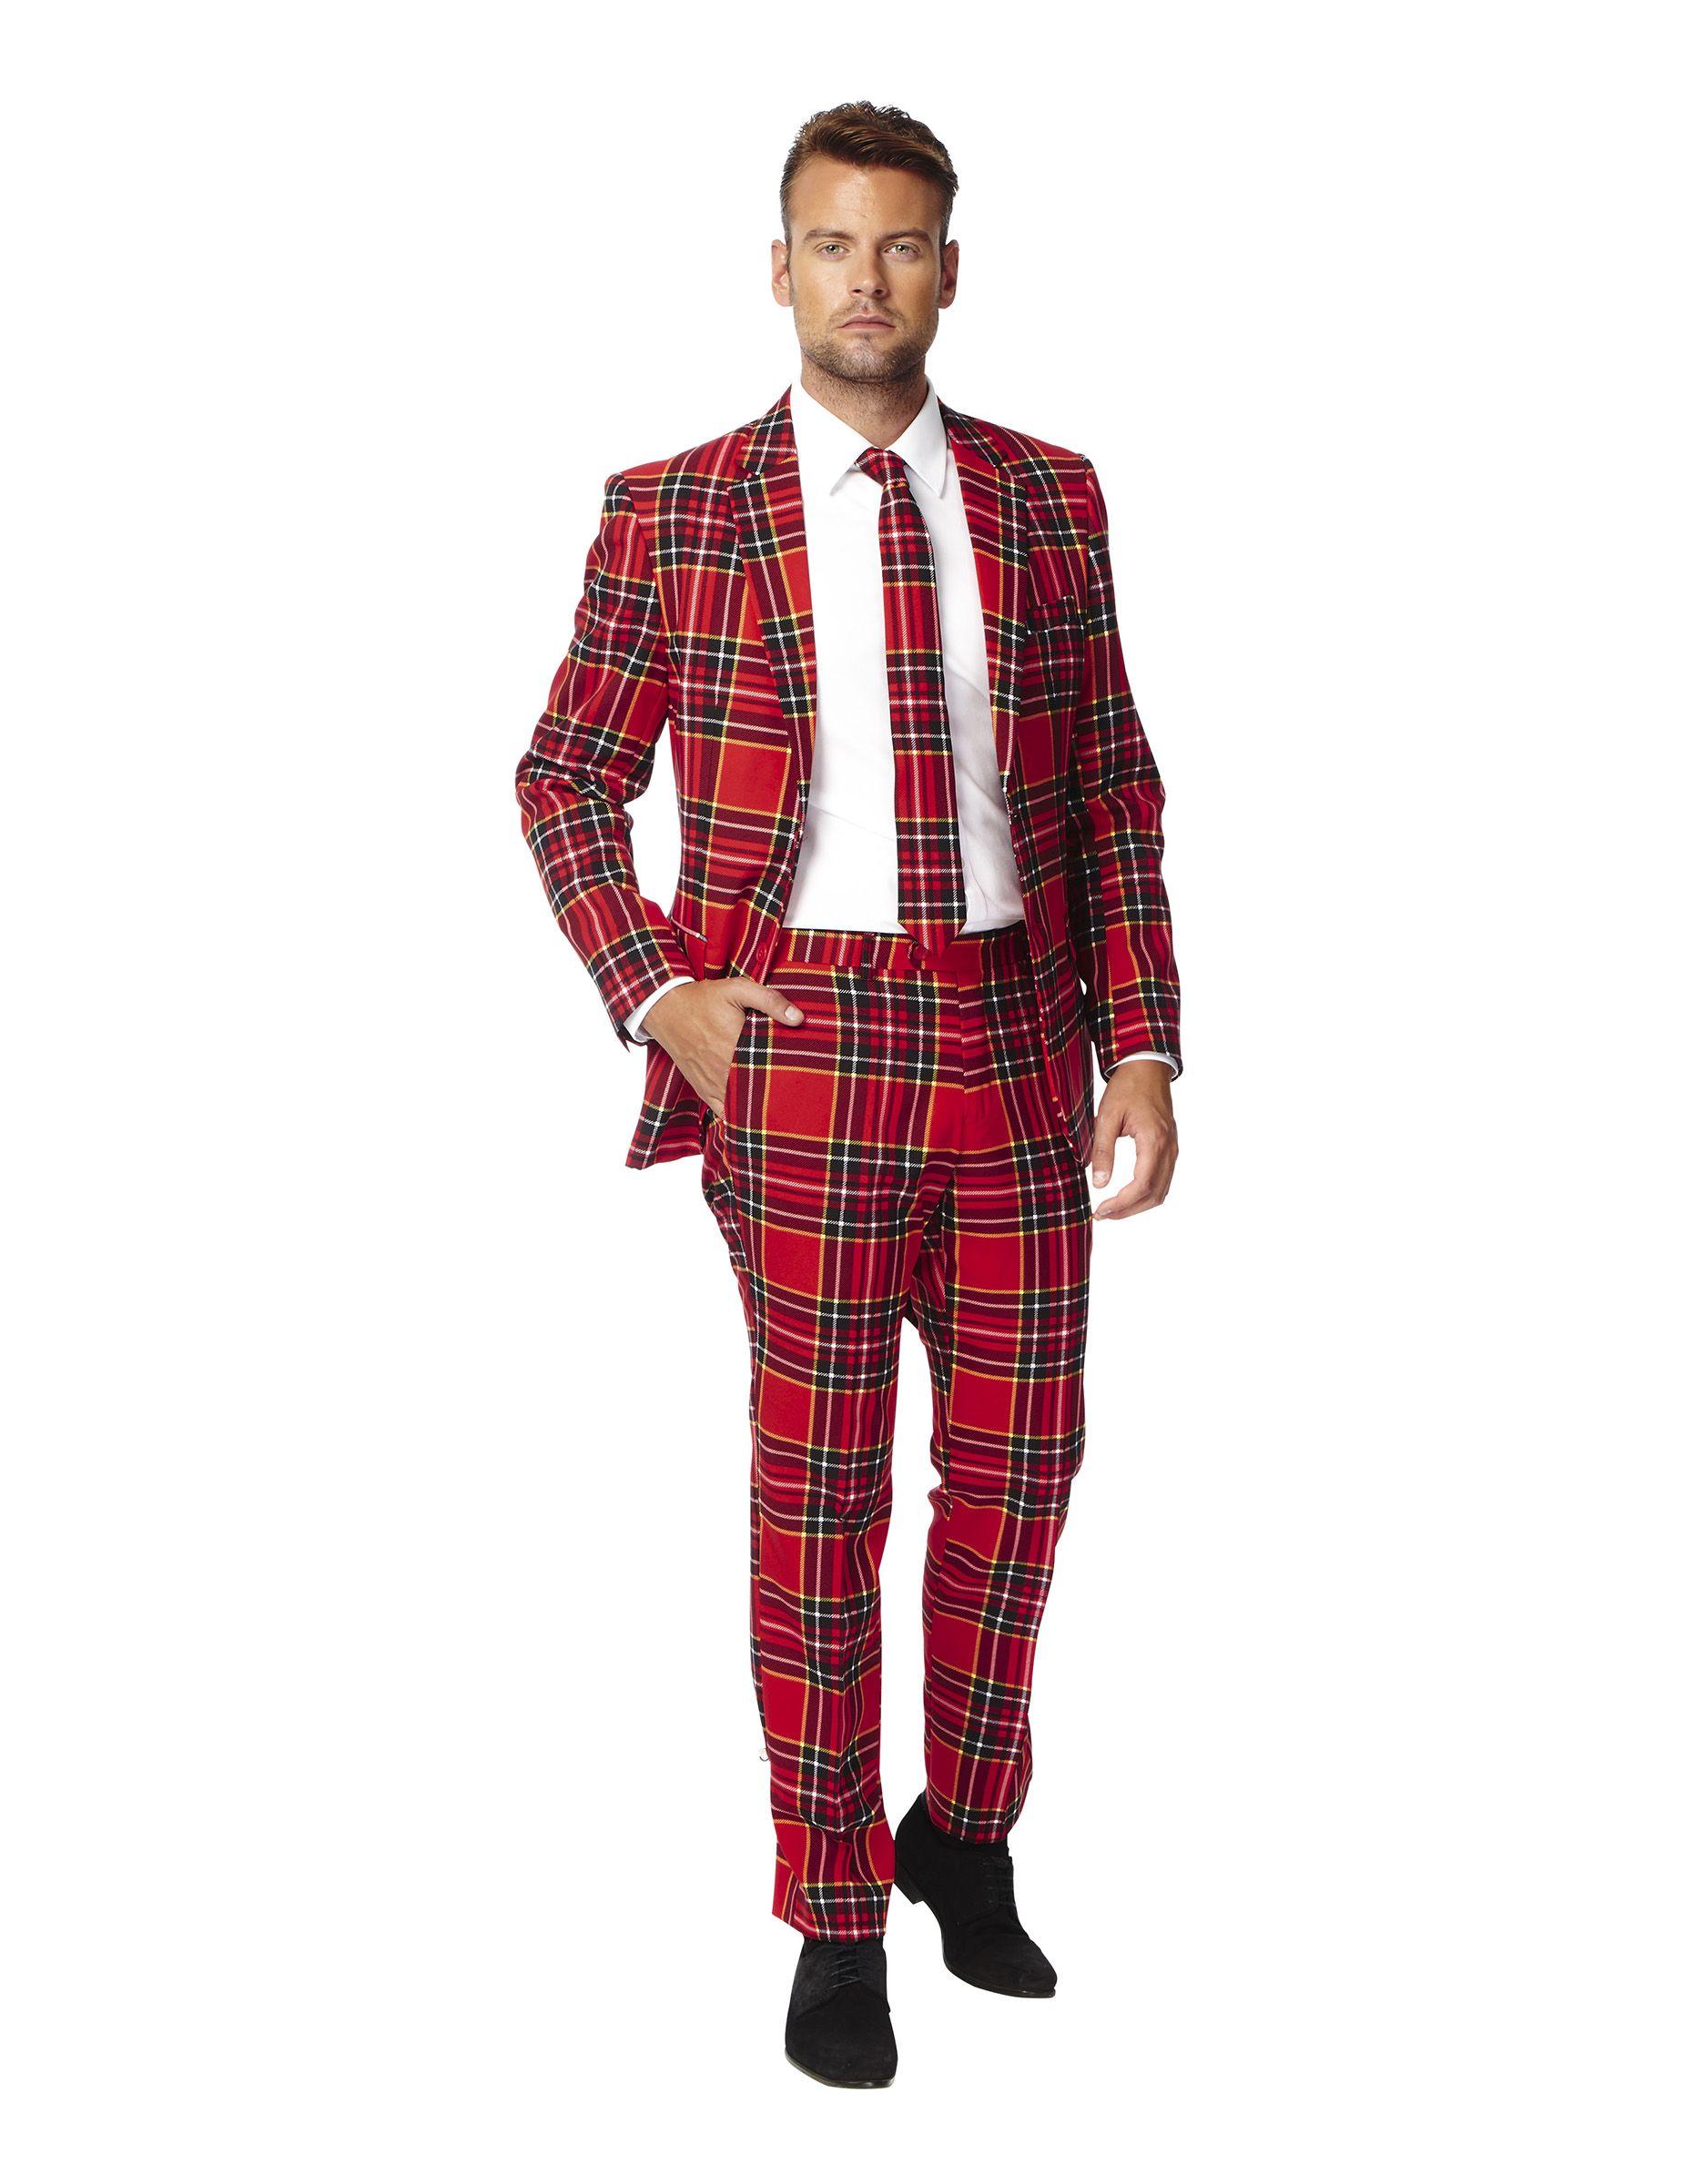 c4267c053 Traje tartán escocés hombre Opposuits™  Este traje para hombre es de la  marca Opposuits™.Incluye chaqueta